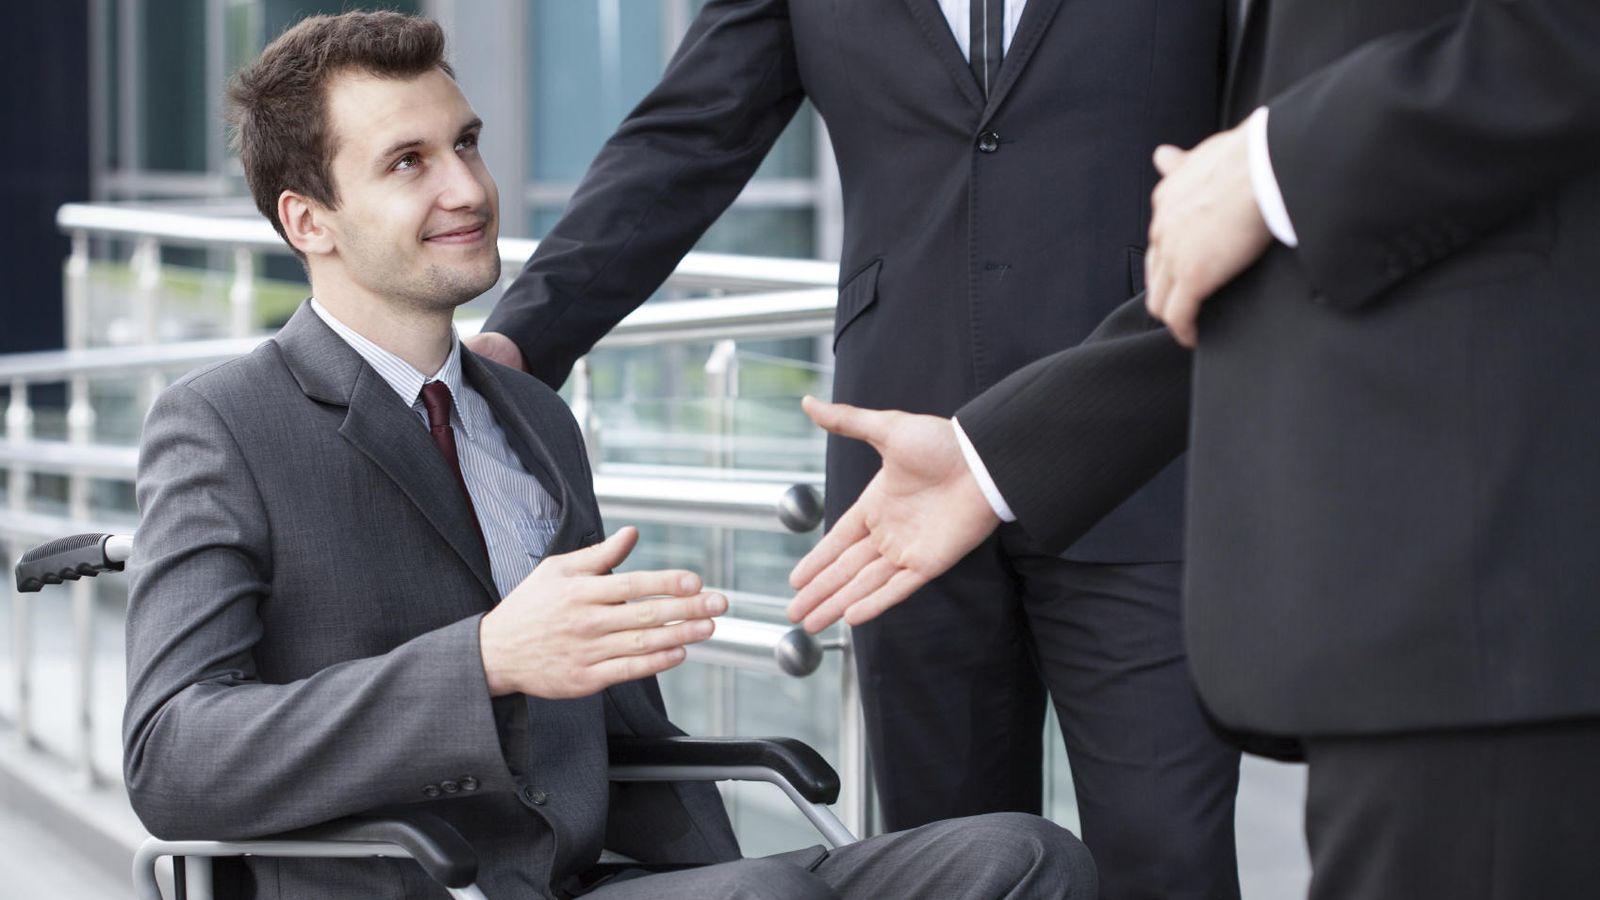 Foto: Por suerte, cada vez más personas con discapacidad están plenamente integradas en el entorno laboral. (iStock)